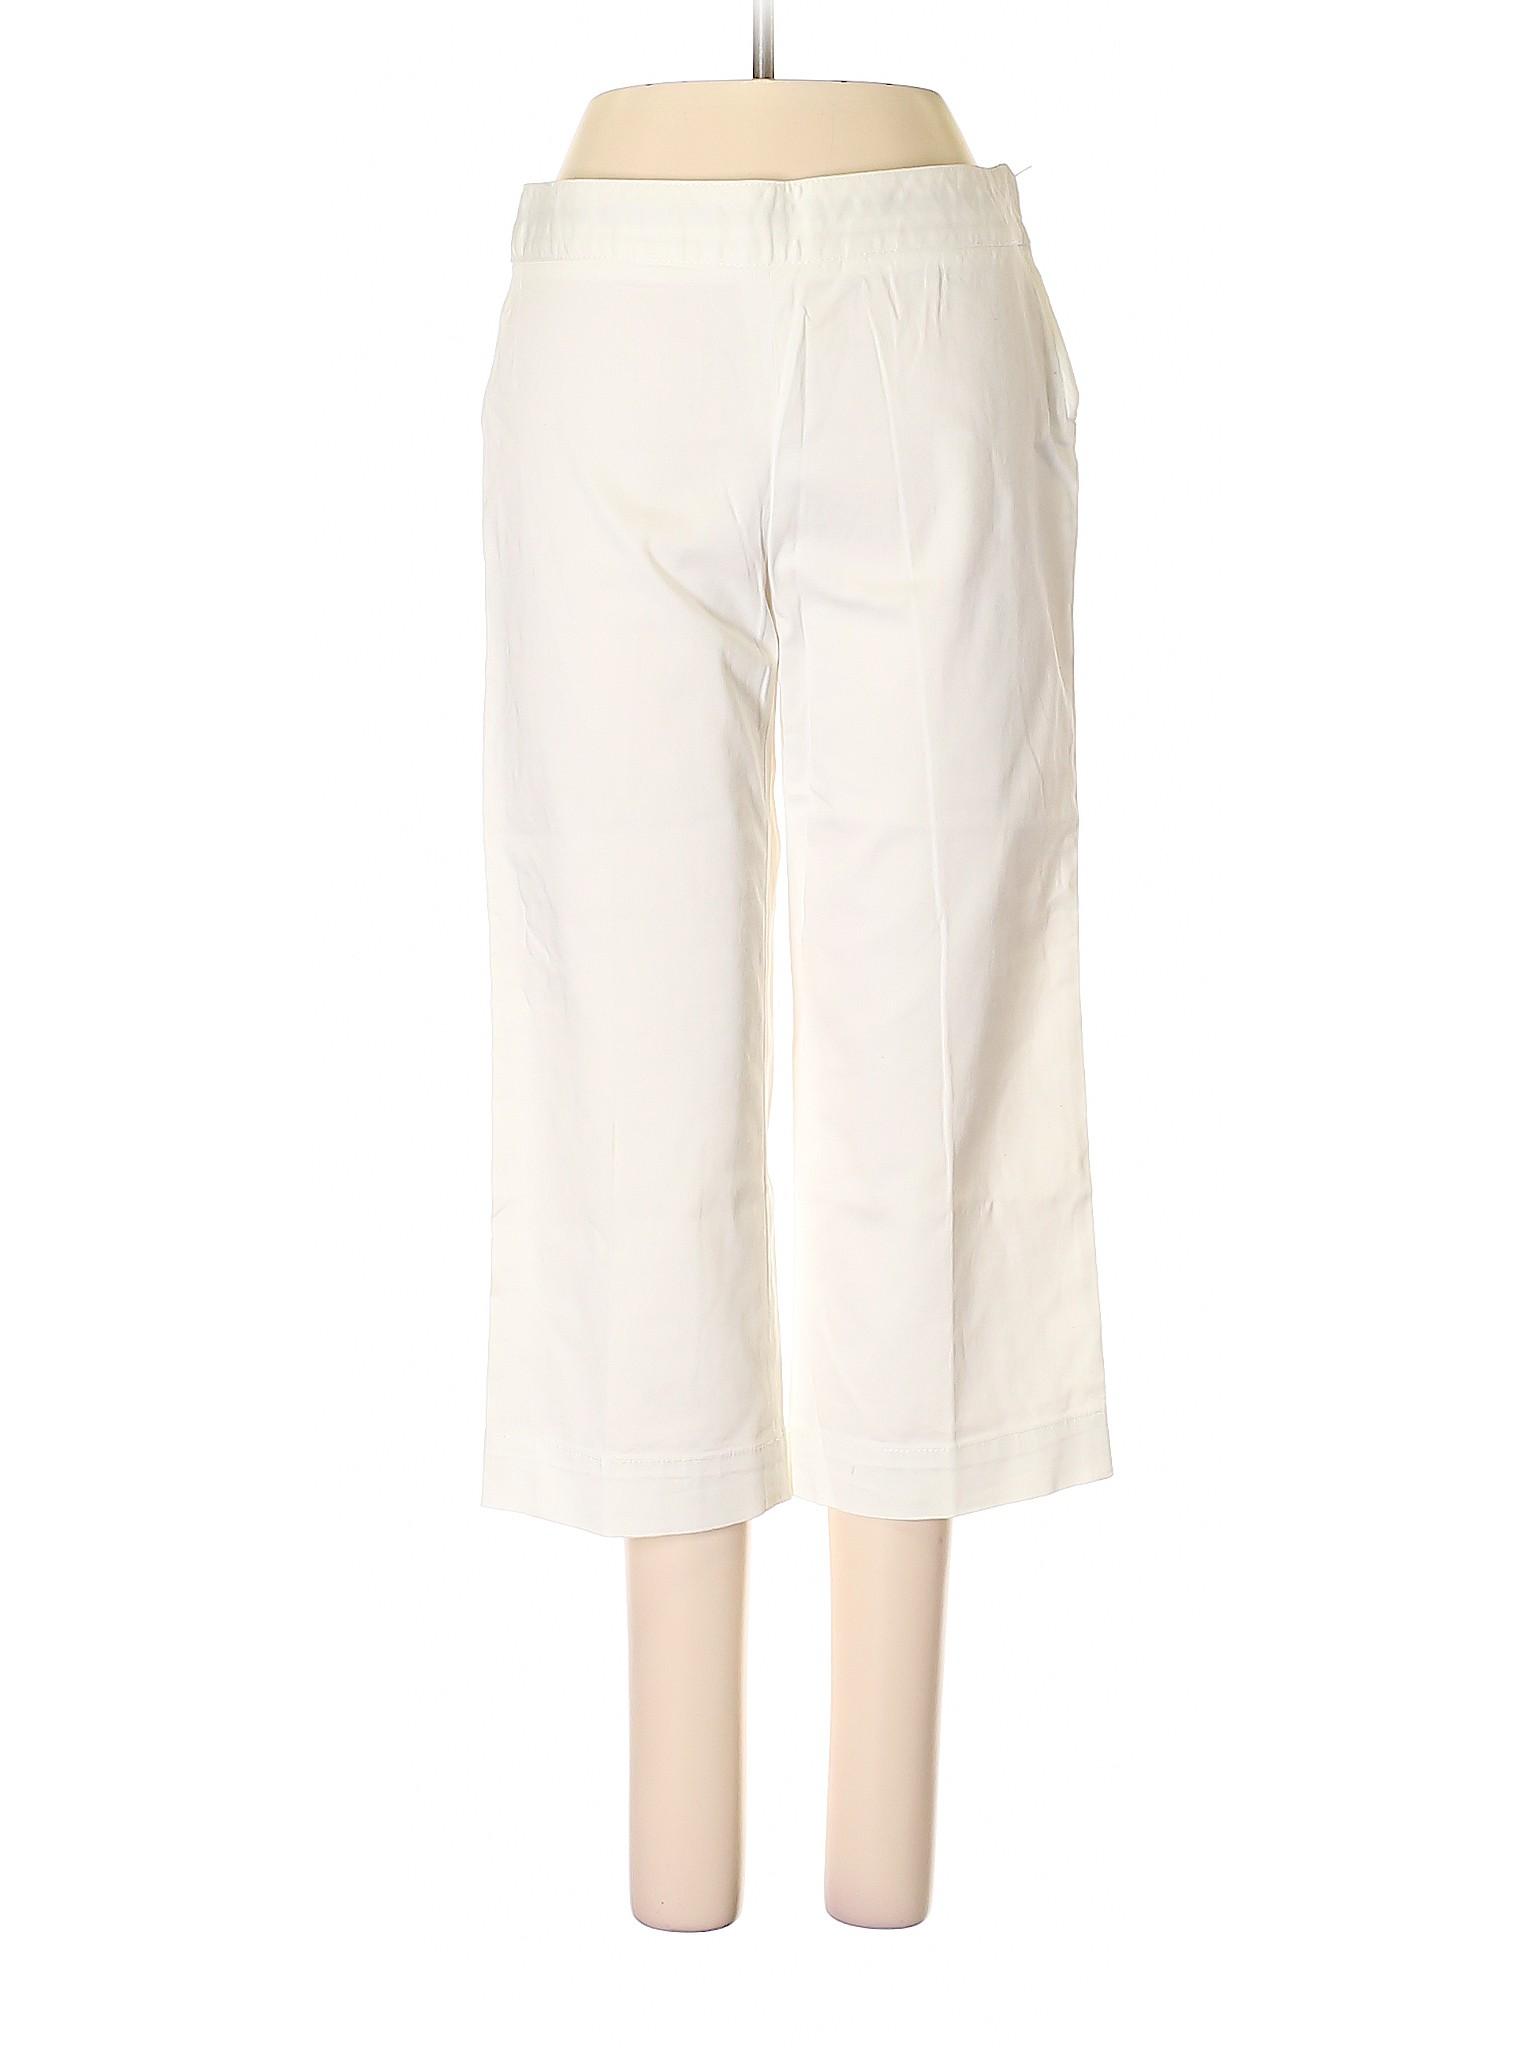 leisure Casual Pants Claiborne Liz Boutique avOn6Zn